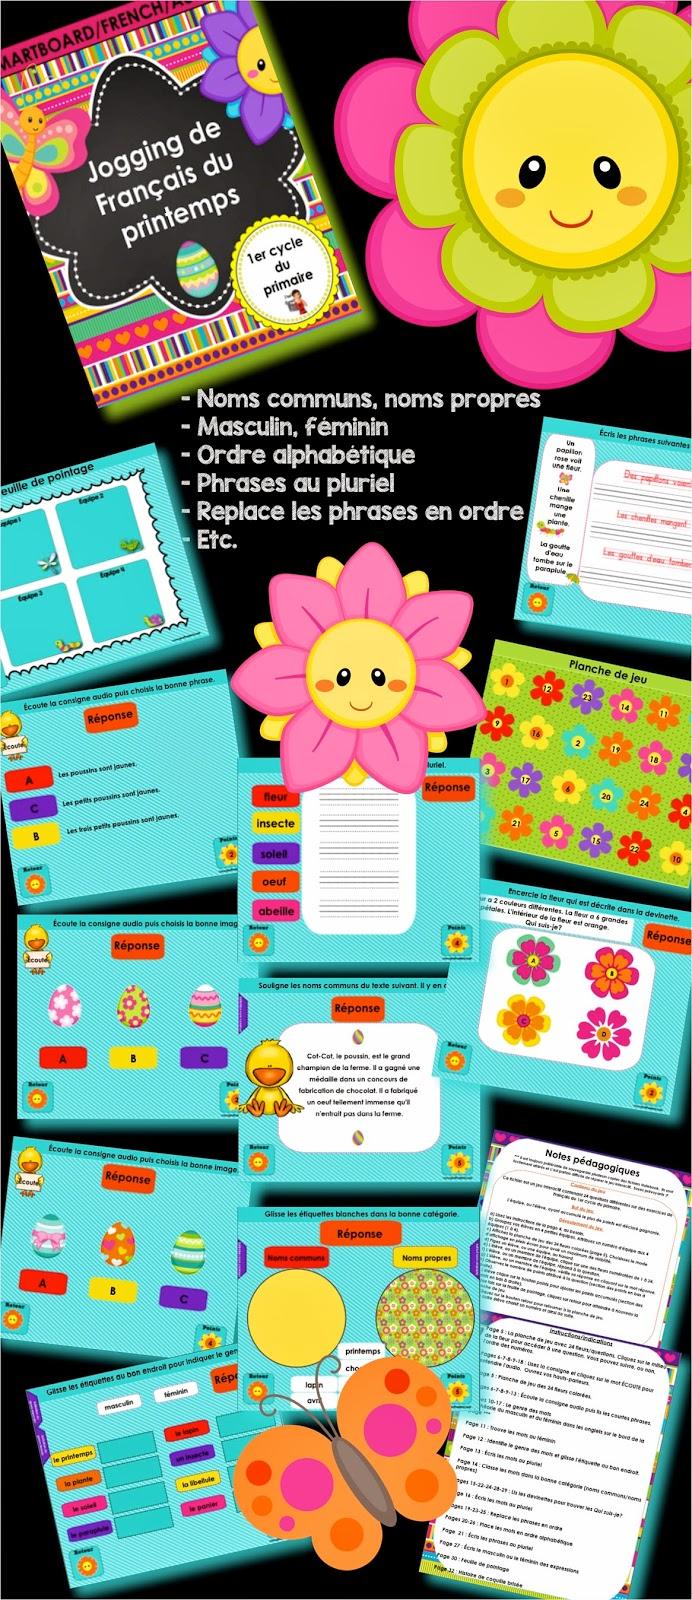 https://www.teacherspayteachers.com/Product/FRENCHSMARTBOARDJogging-de-Francais-du-printemps-1183302